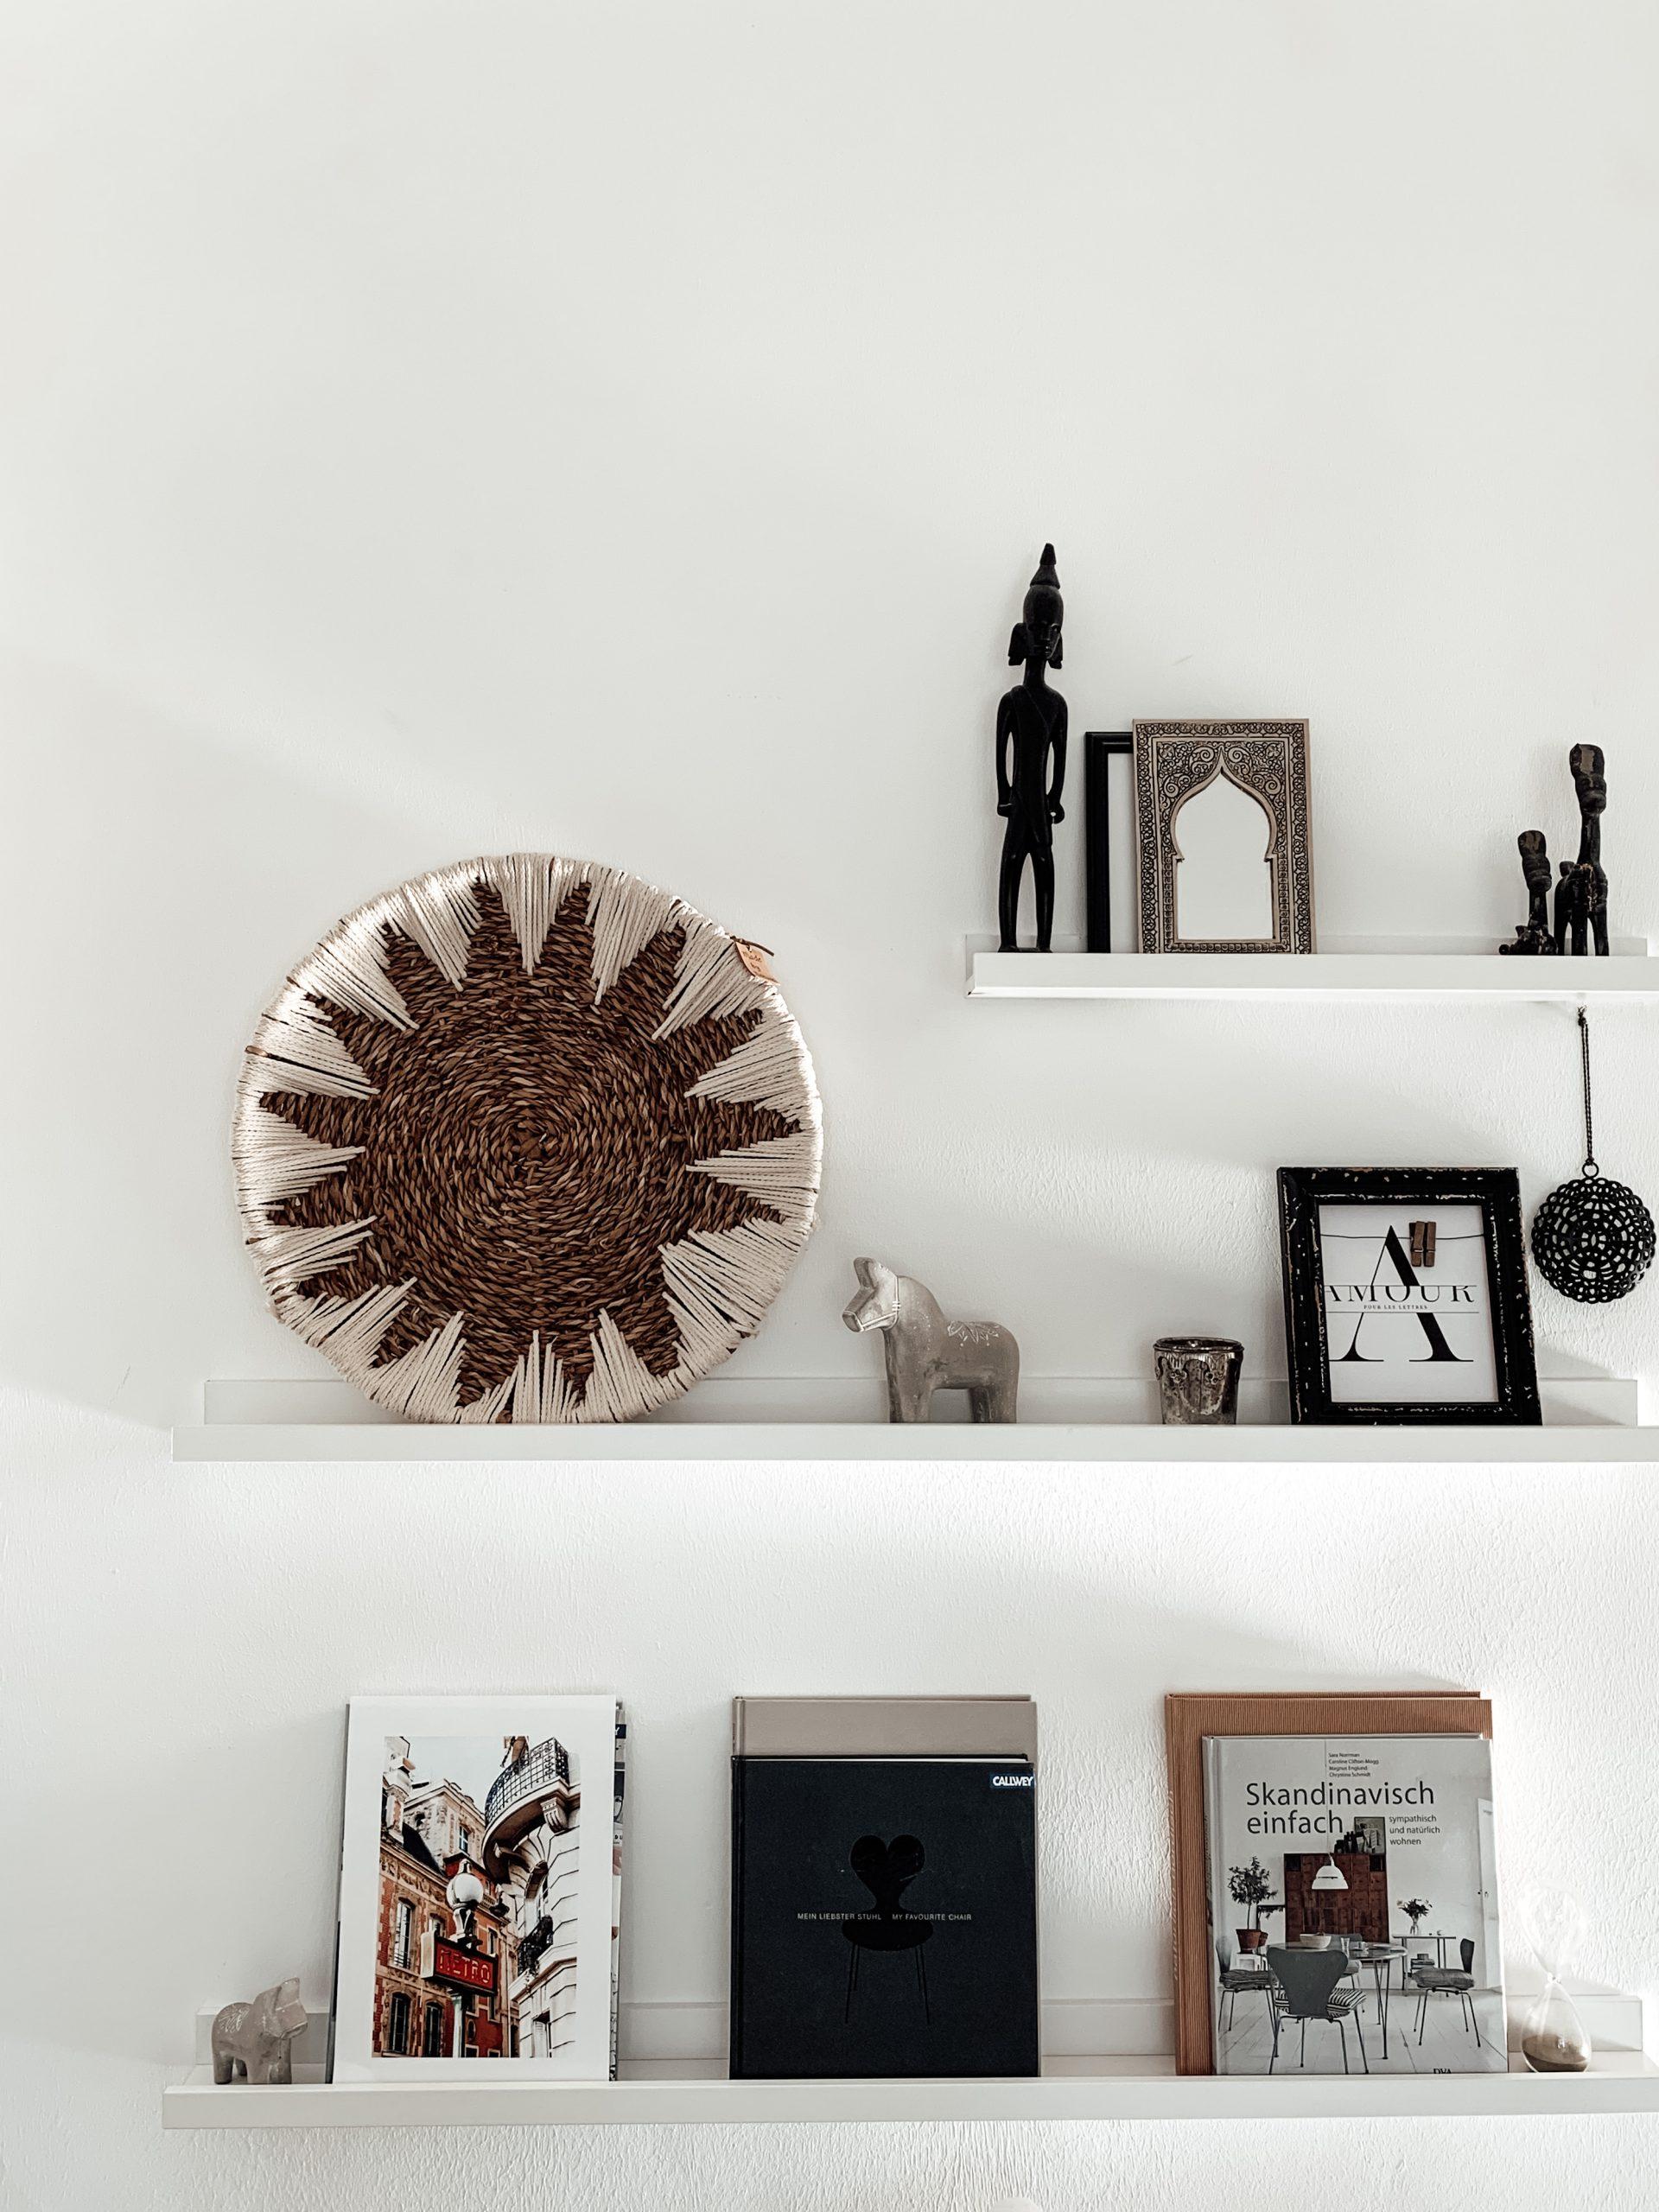 DIY-Korb auf Bilderleiste dekoriert